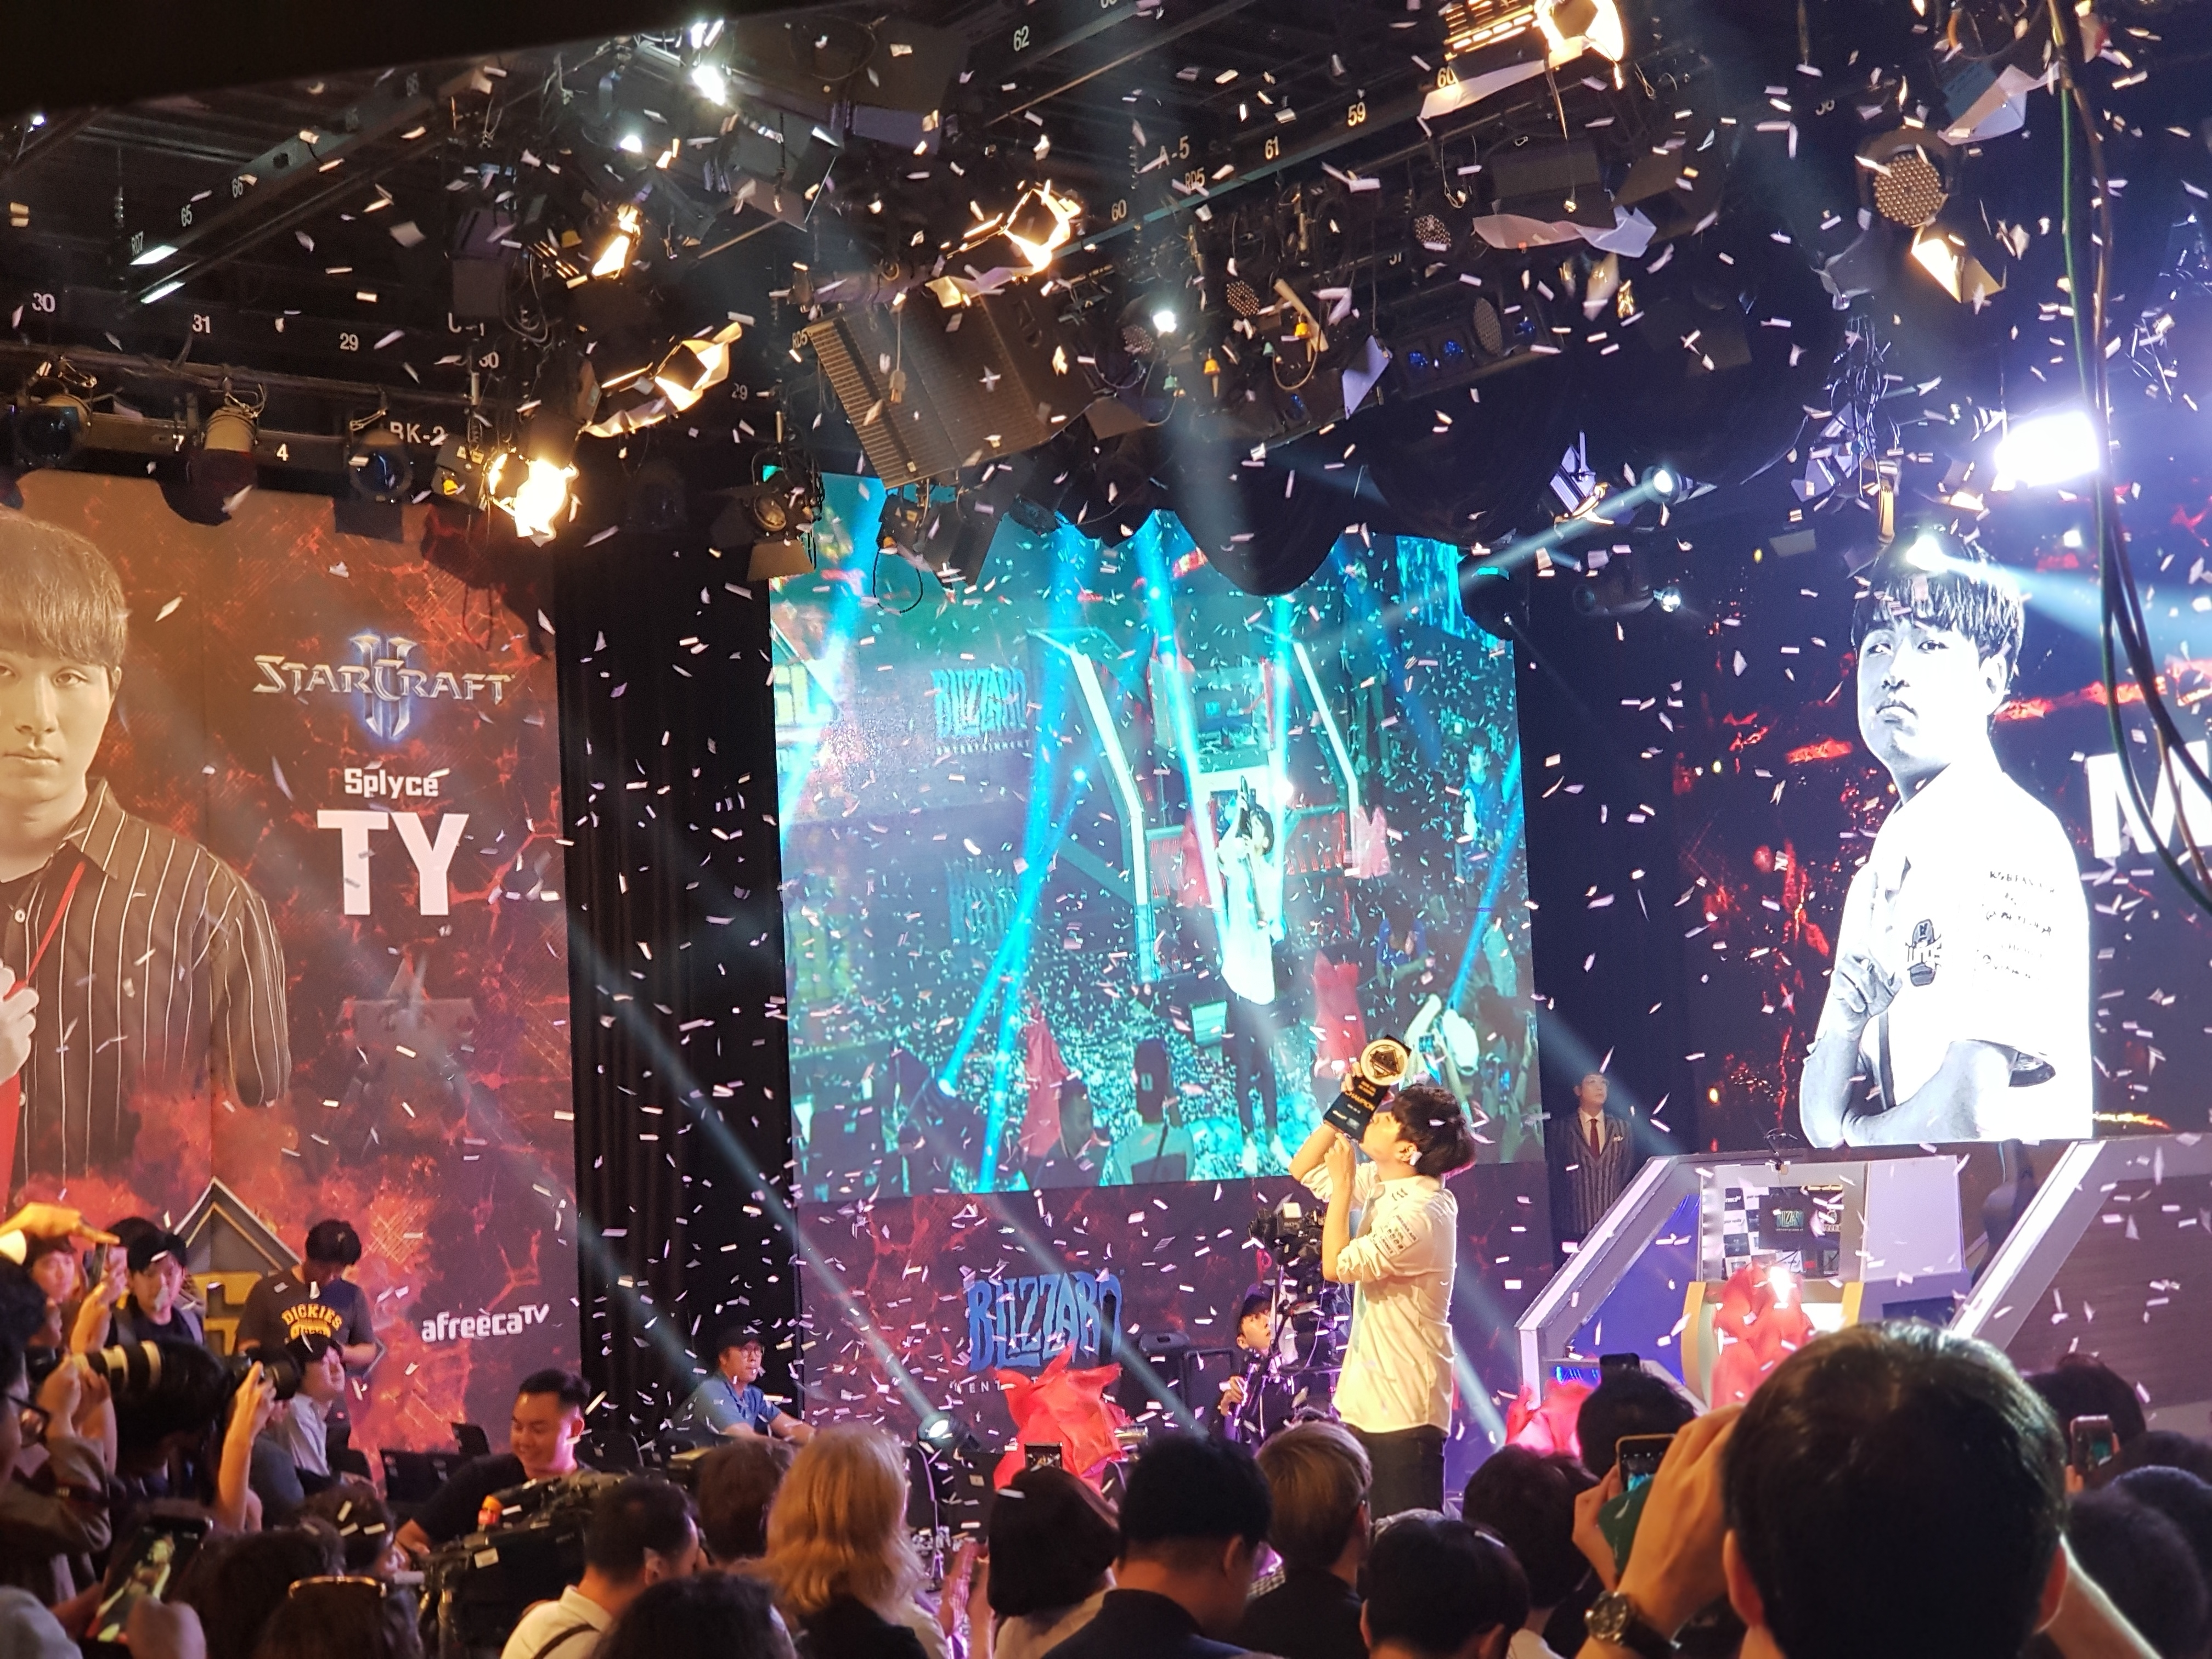 한국에서 스타크래프트2 팬으로 산다는 것은